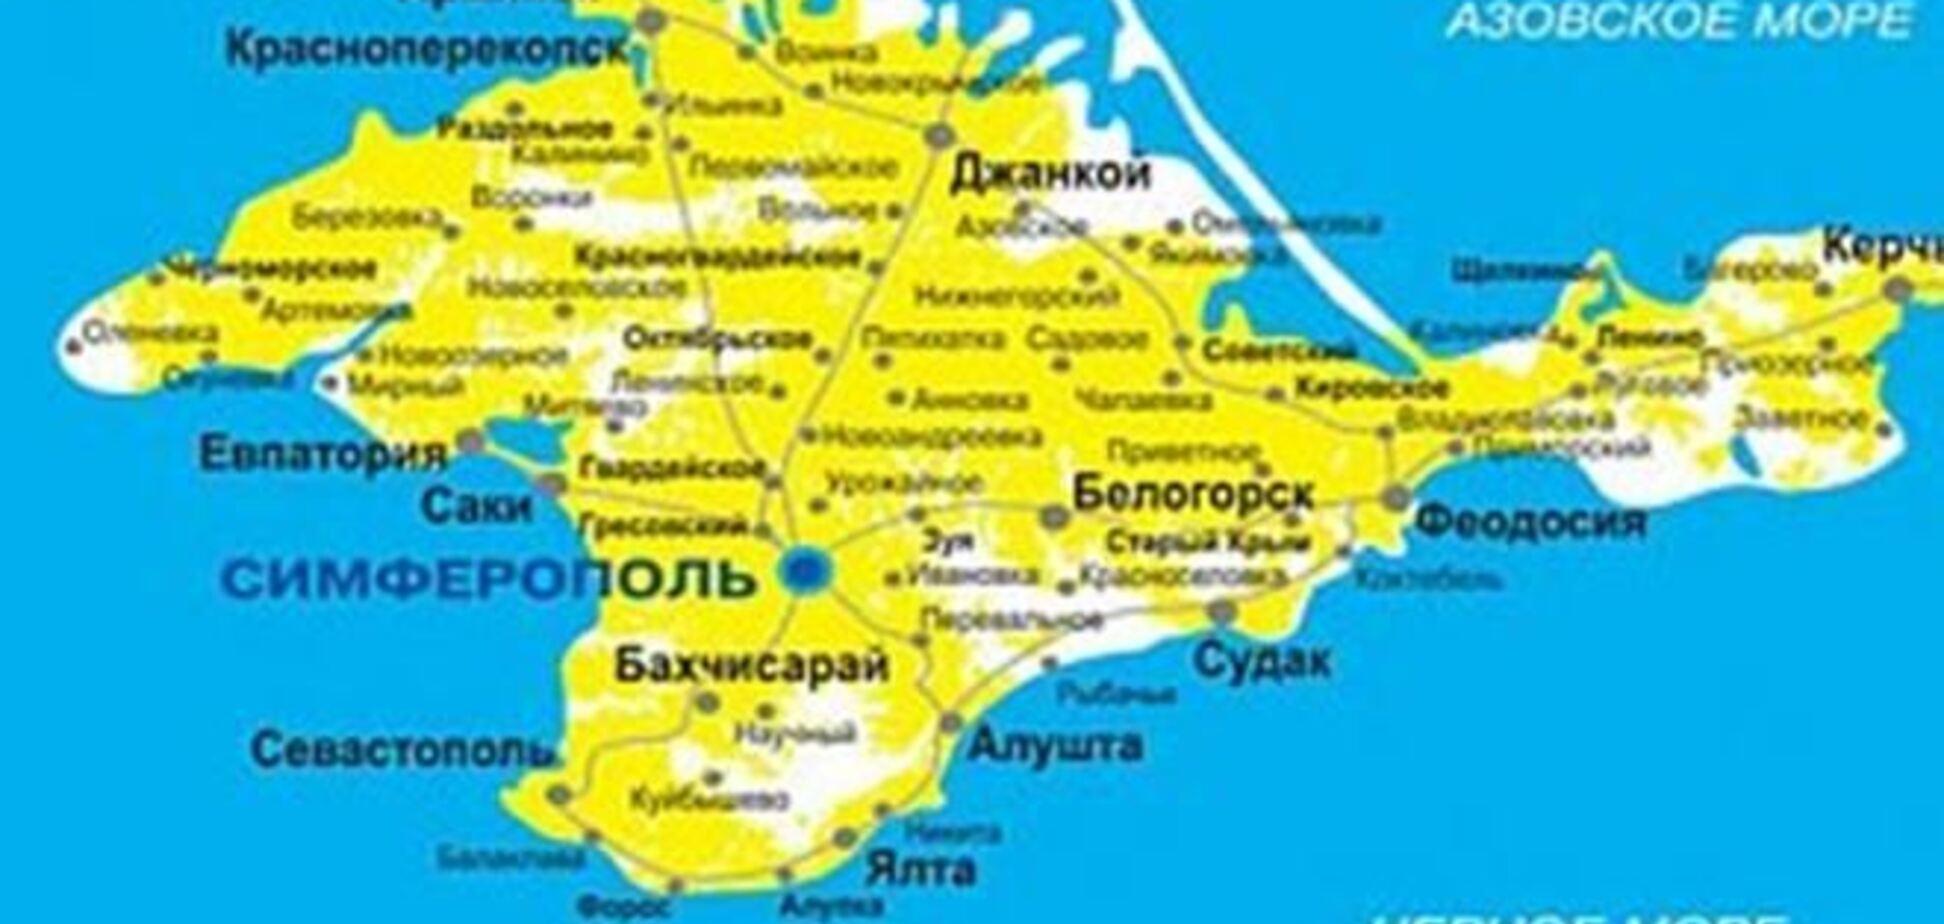 ВР сделала первый шаг к признанию Крыма временно оккупированной территорией